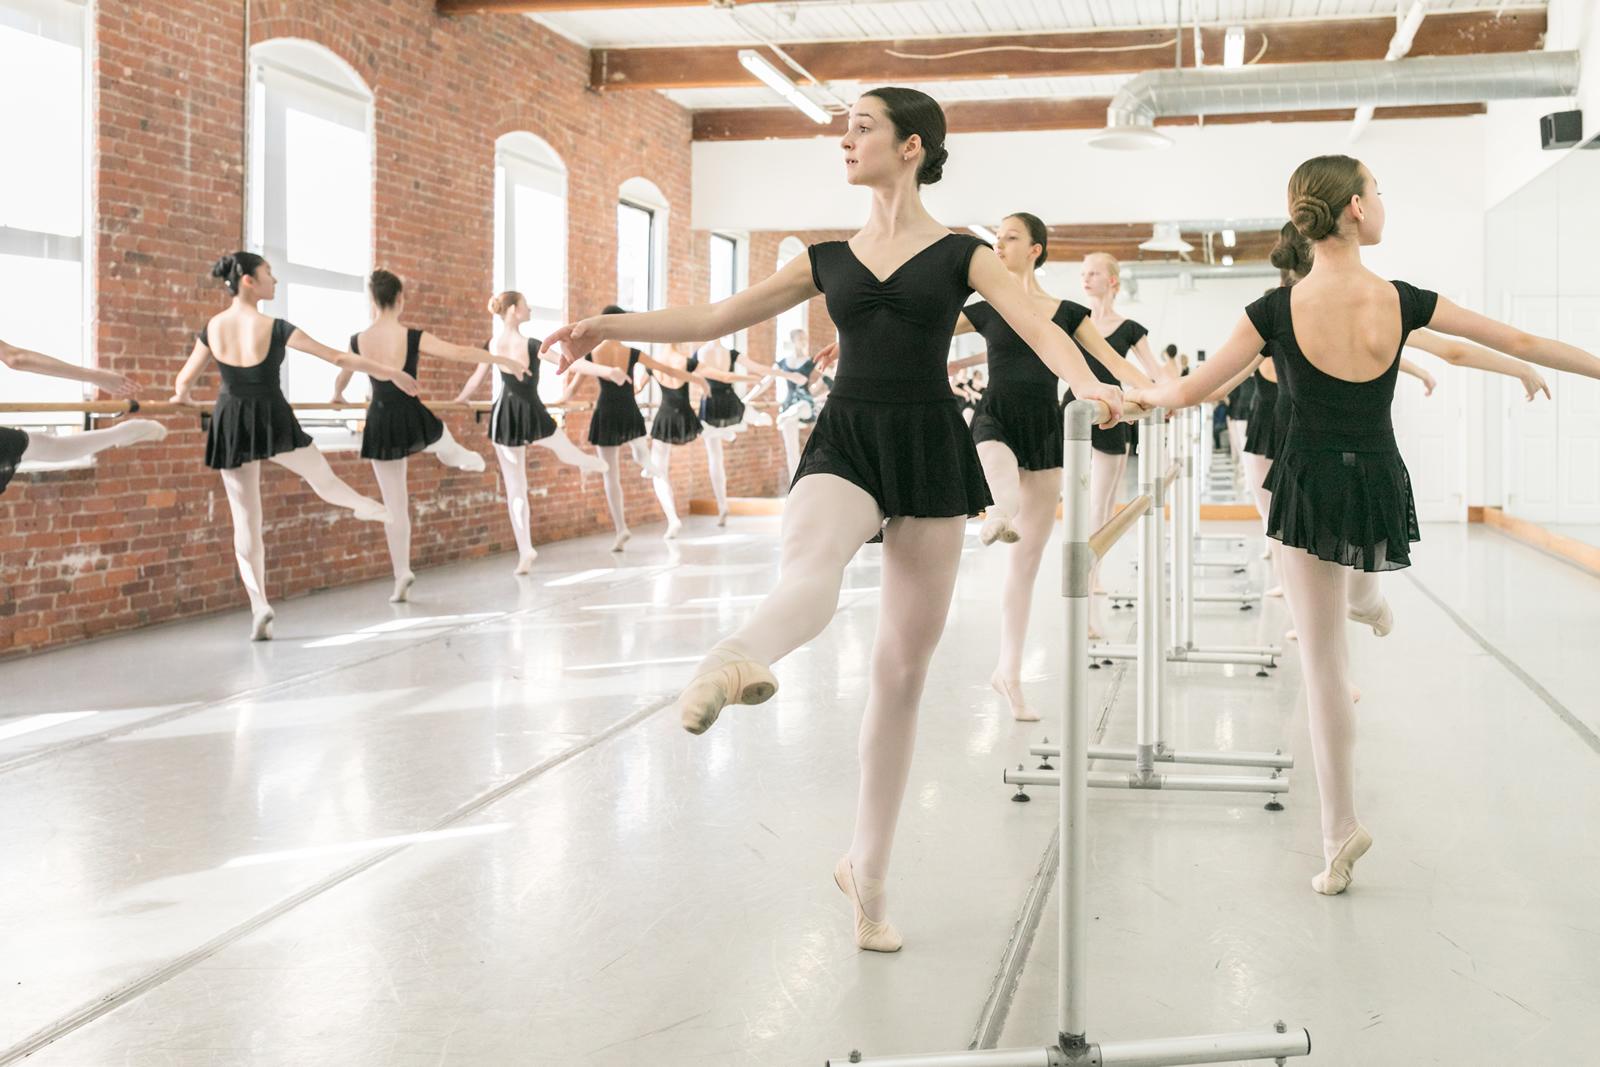 Greenwich Ballet Academy teaches classical ballet instruction